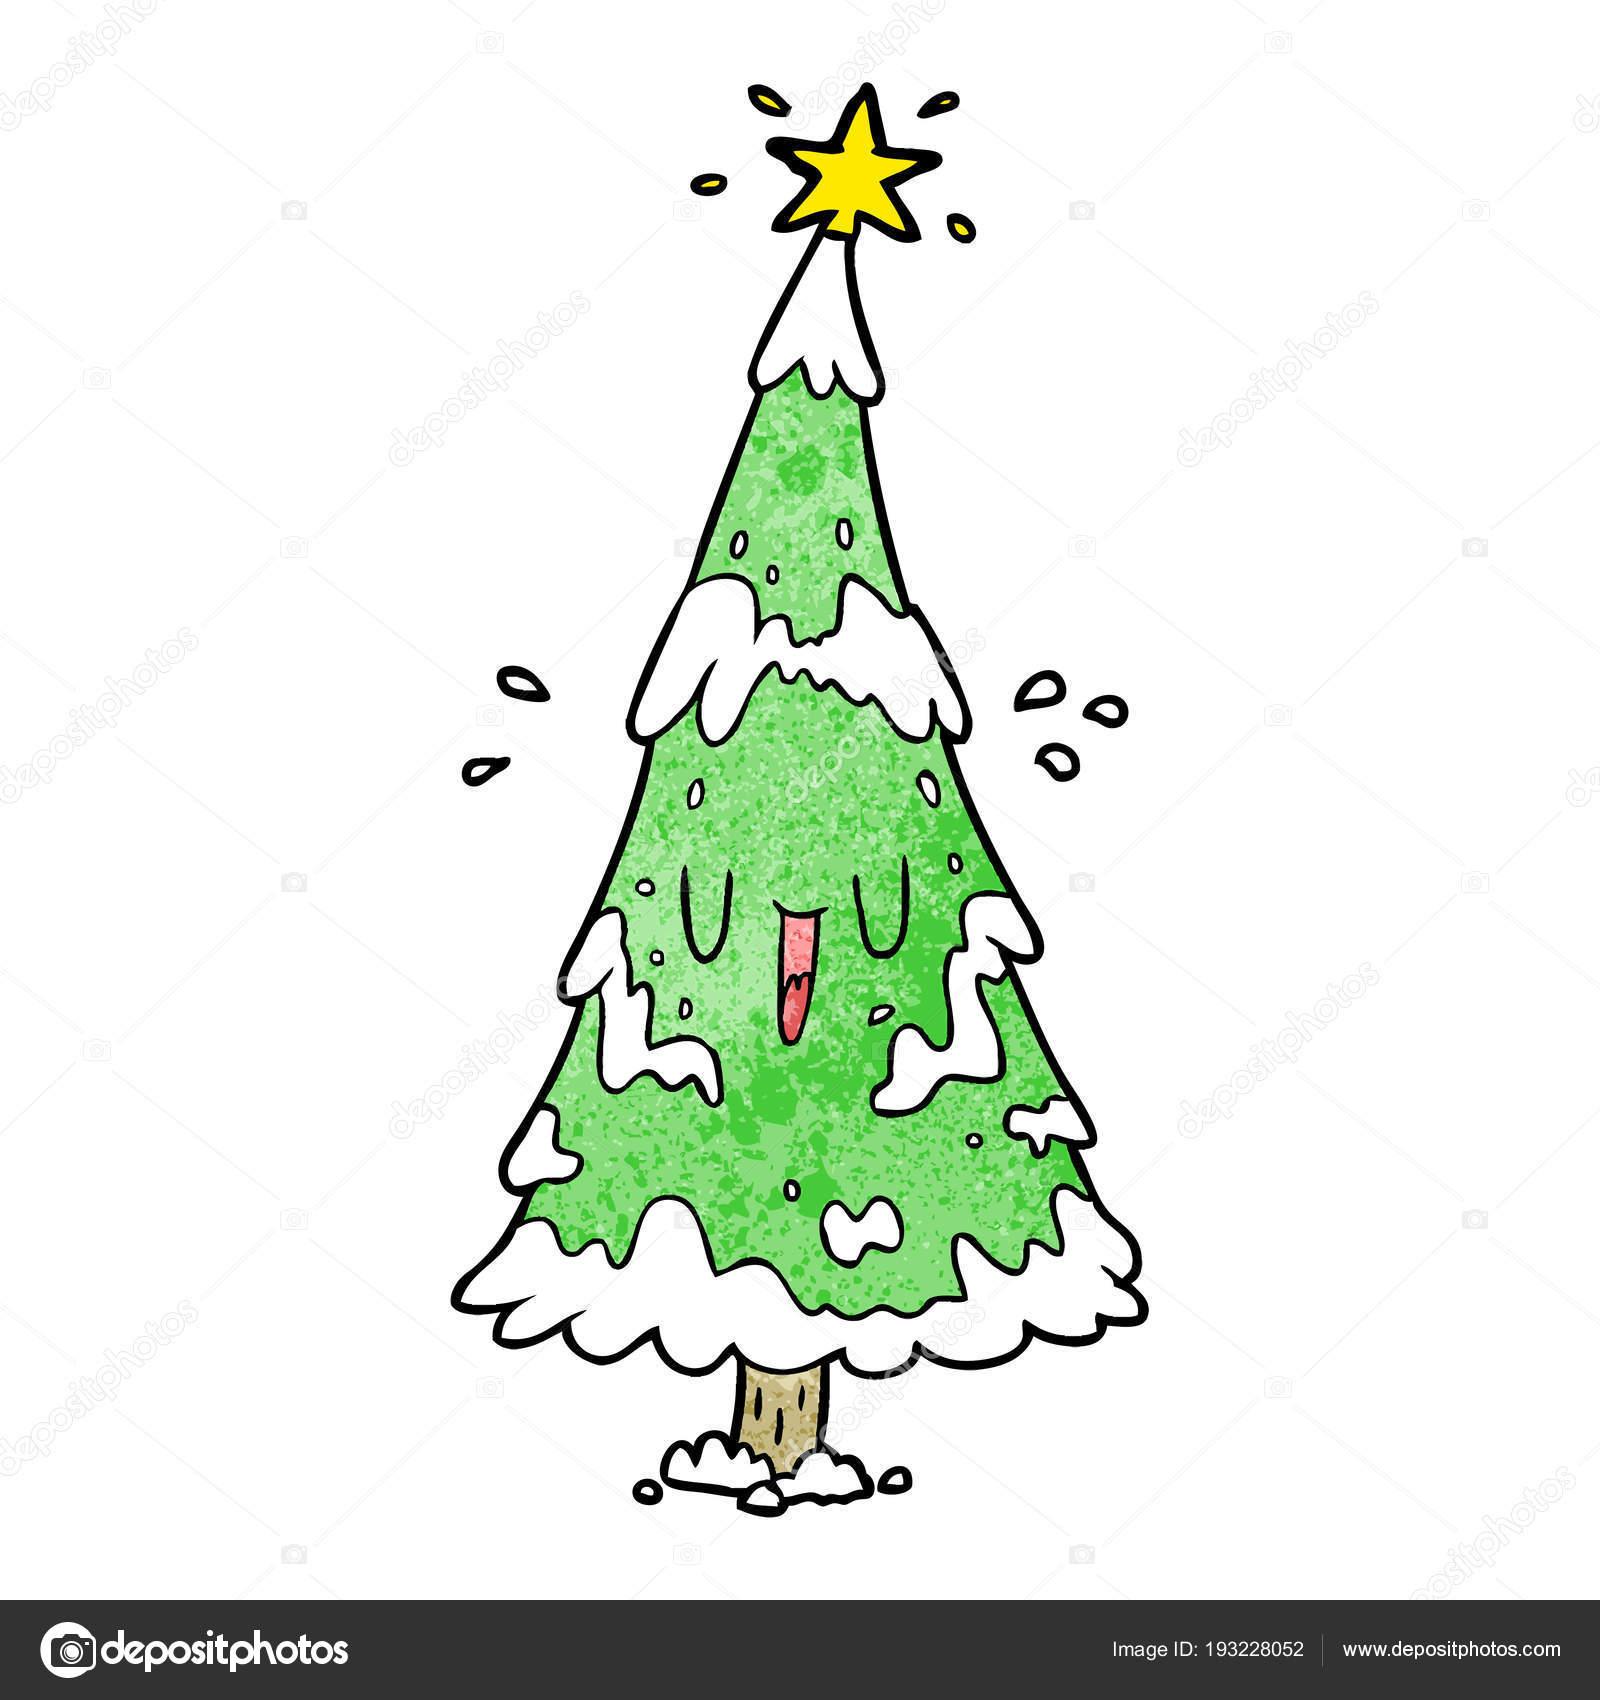 Arboles De Navidad Dibujos Coloreados.Dibujos Coloreados De Arboles De Navidad Arbol Navidad